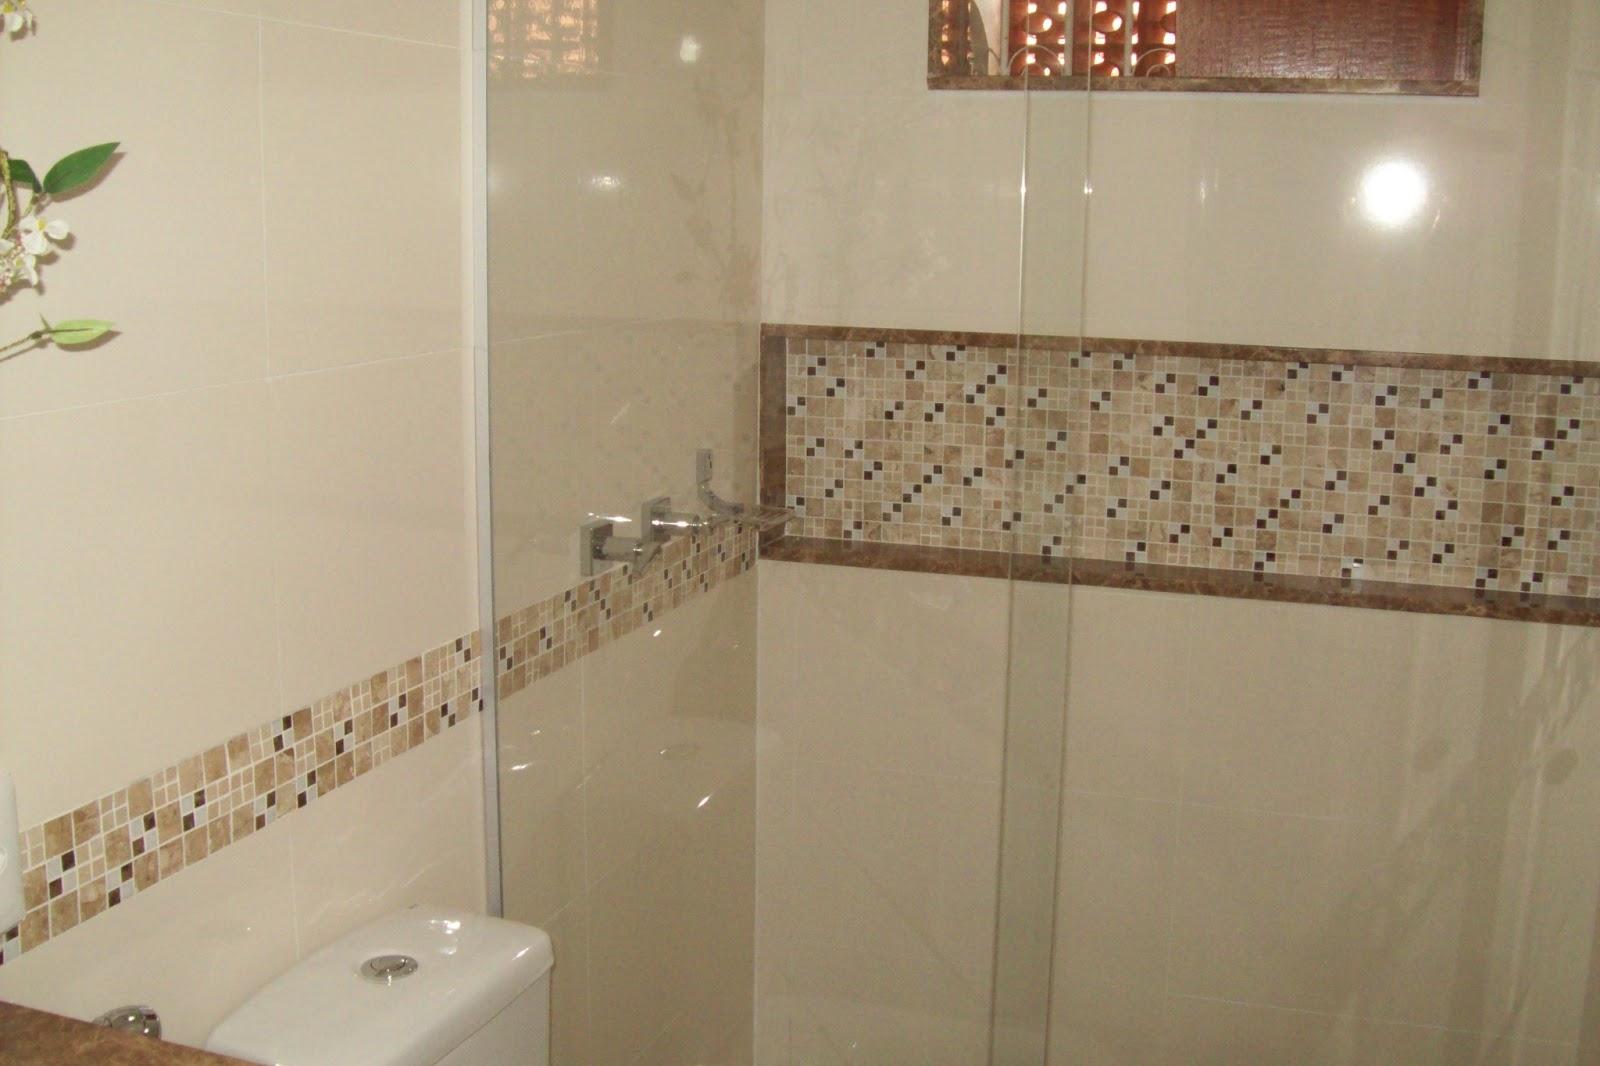 Construções Domingos: Banheiro com Nicho #935638 1600x1066 Banheiro Com Acabamento Com Pastilhas